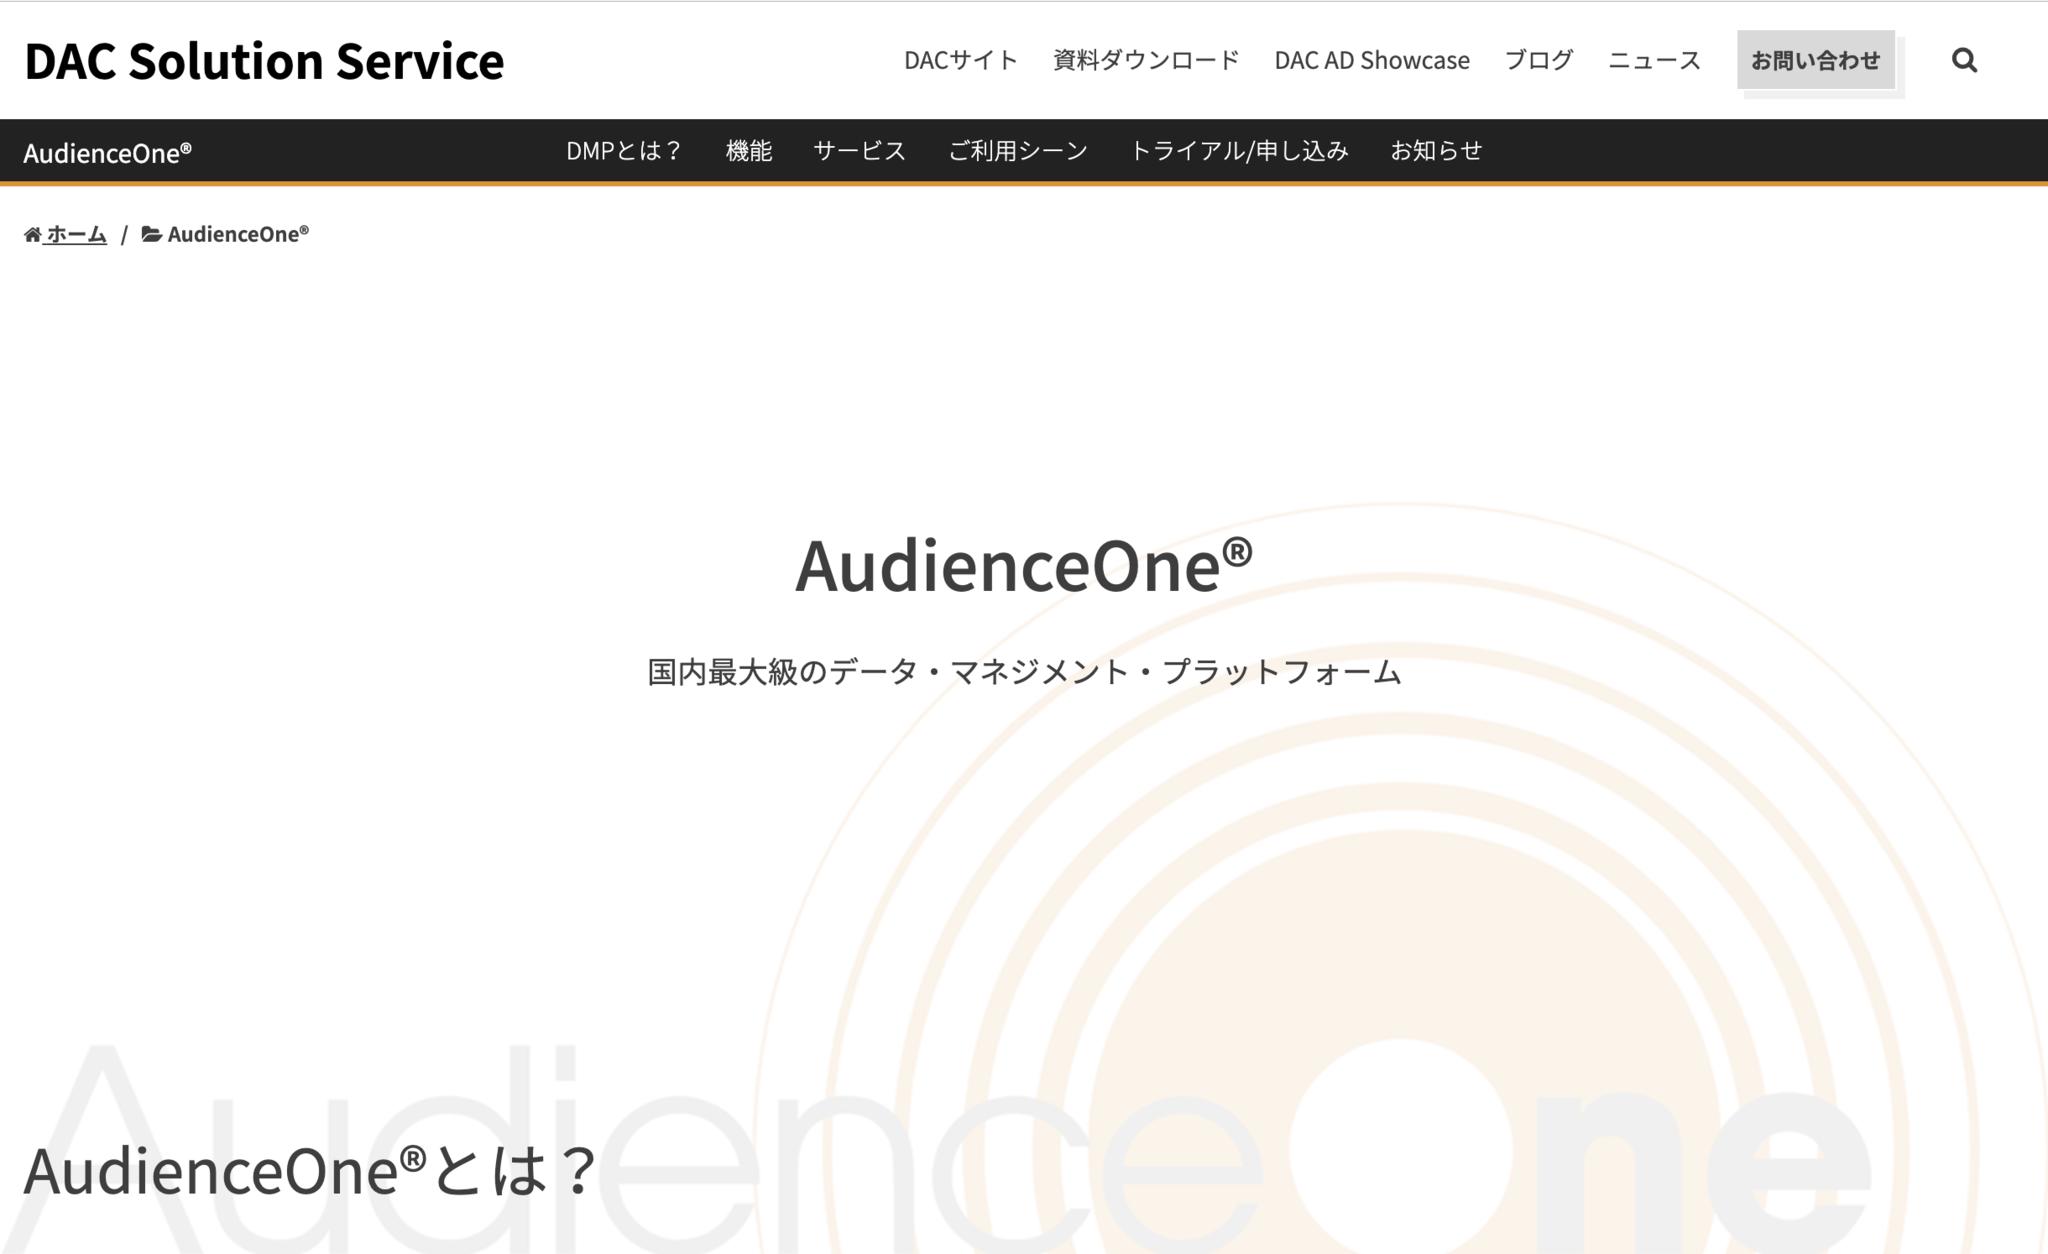 スクリーンショット_2019-05-15_14.19.05.png